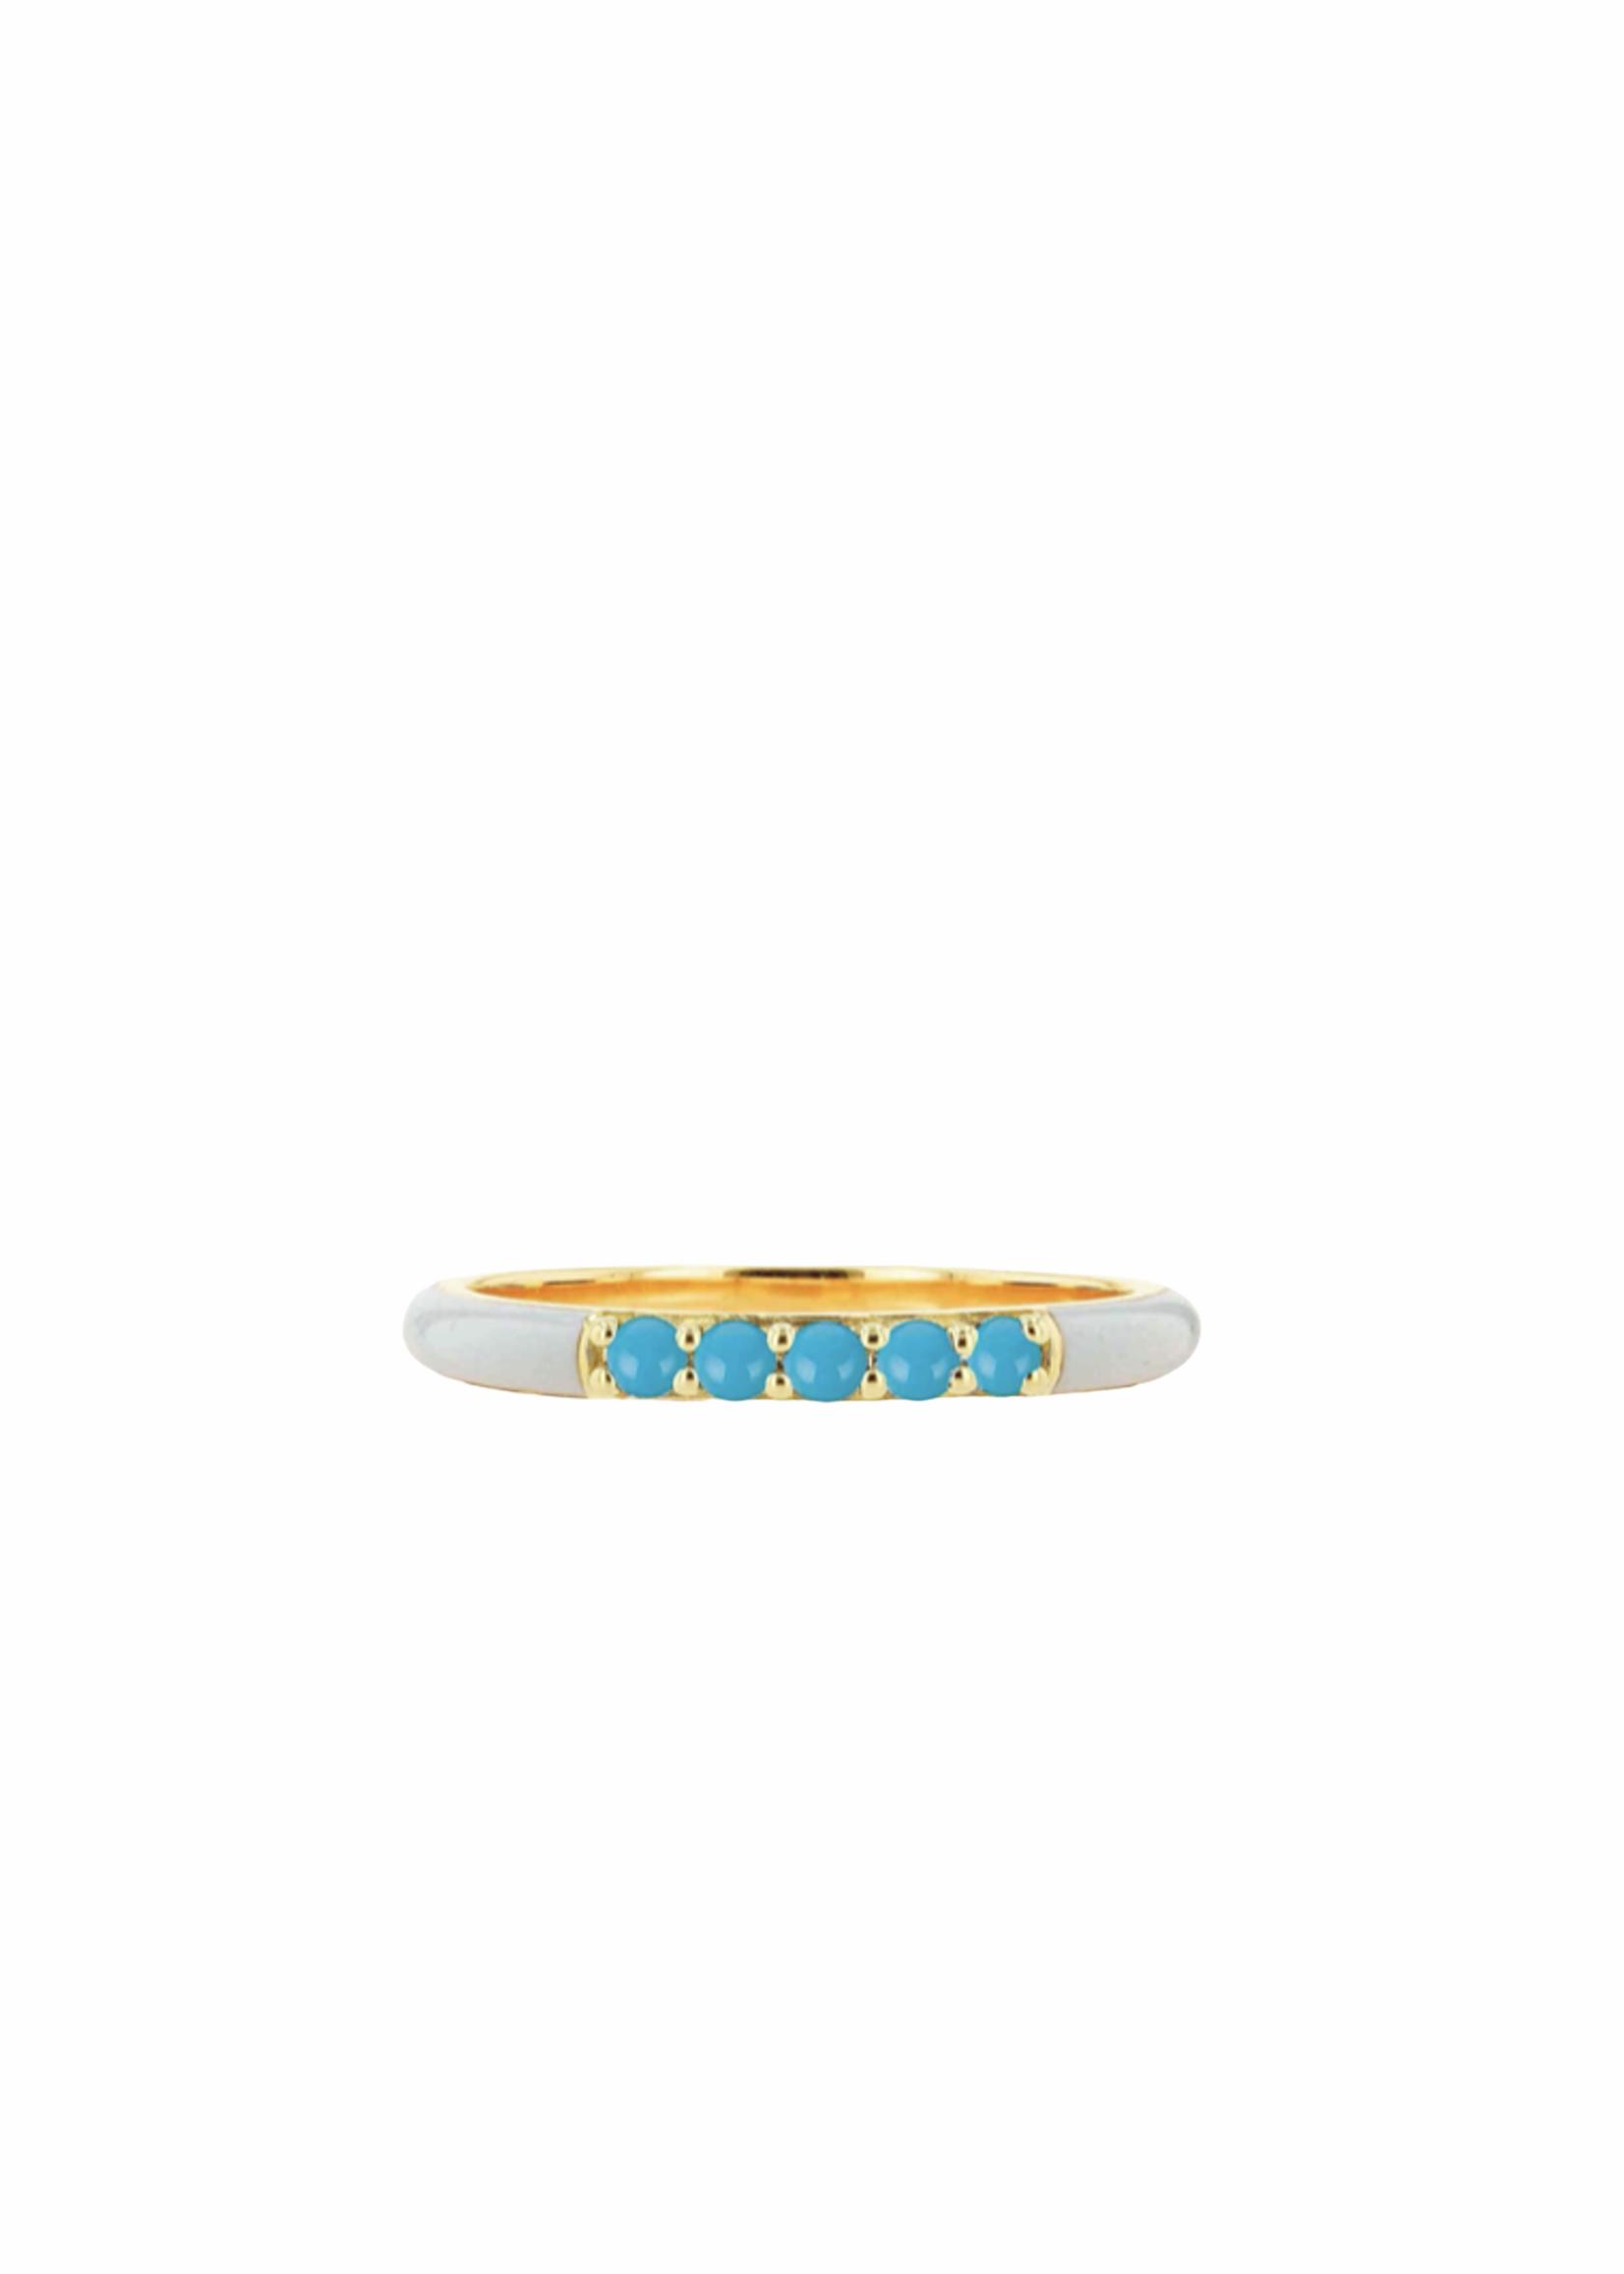 Rachel Reid White Enamel & Turquoise Band Ring